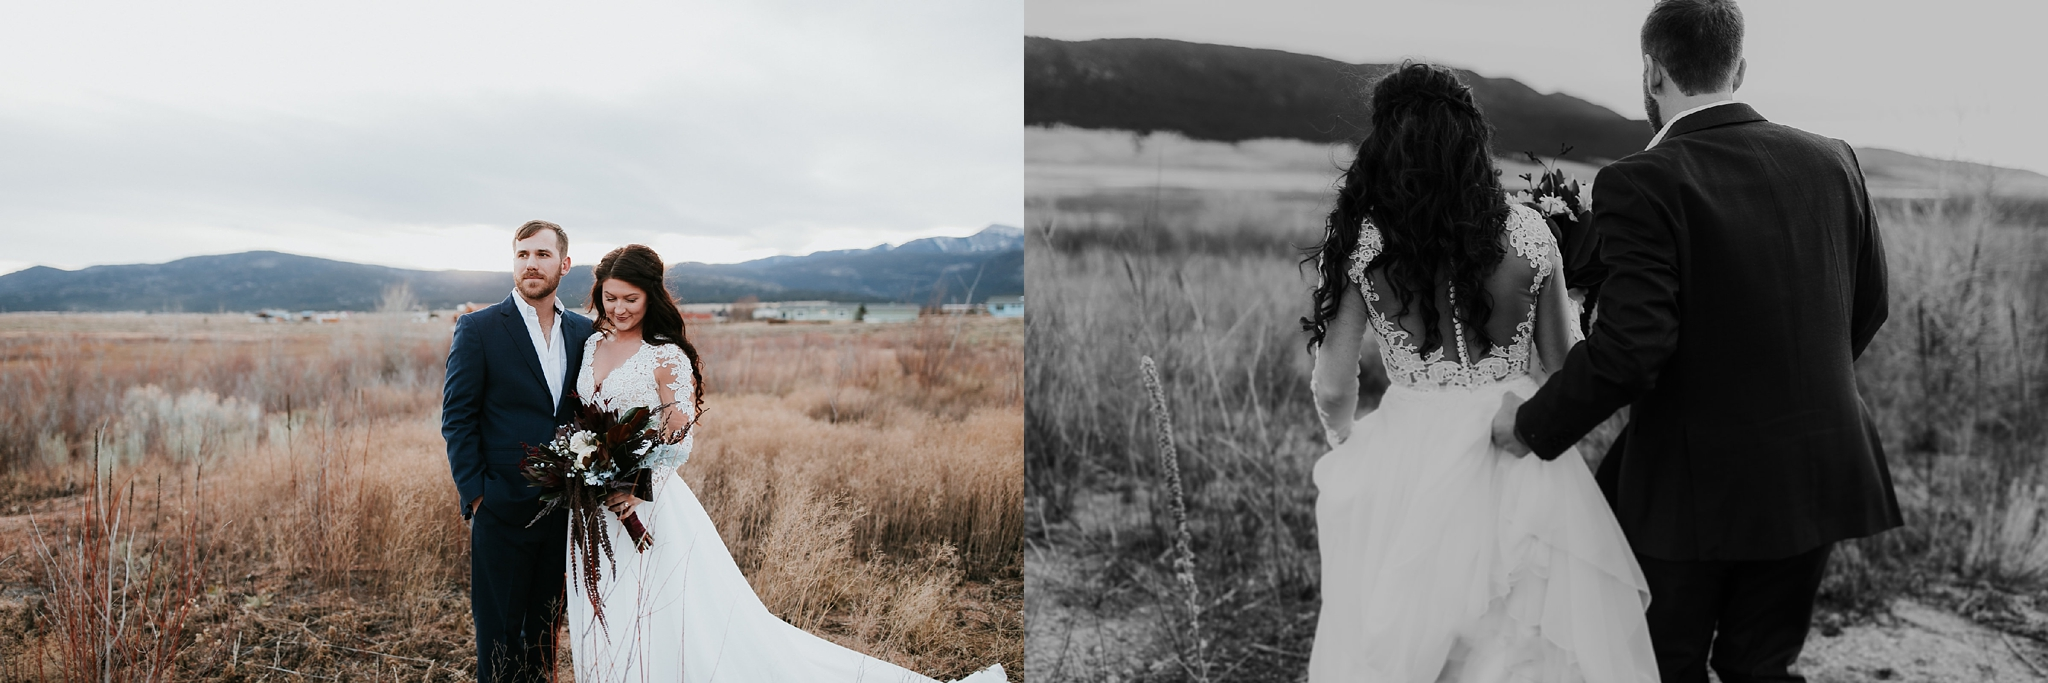 Alicia+lucia+photography+-+albuquerque+wedding+photographer+-+santa+fe+wedding+photography+-+new+mexico+wedding+photographer+-+new+mexico+wedding+-+wedding+photographer+-+wedding+photographer+team_0261.jpg